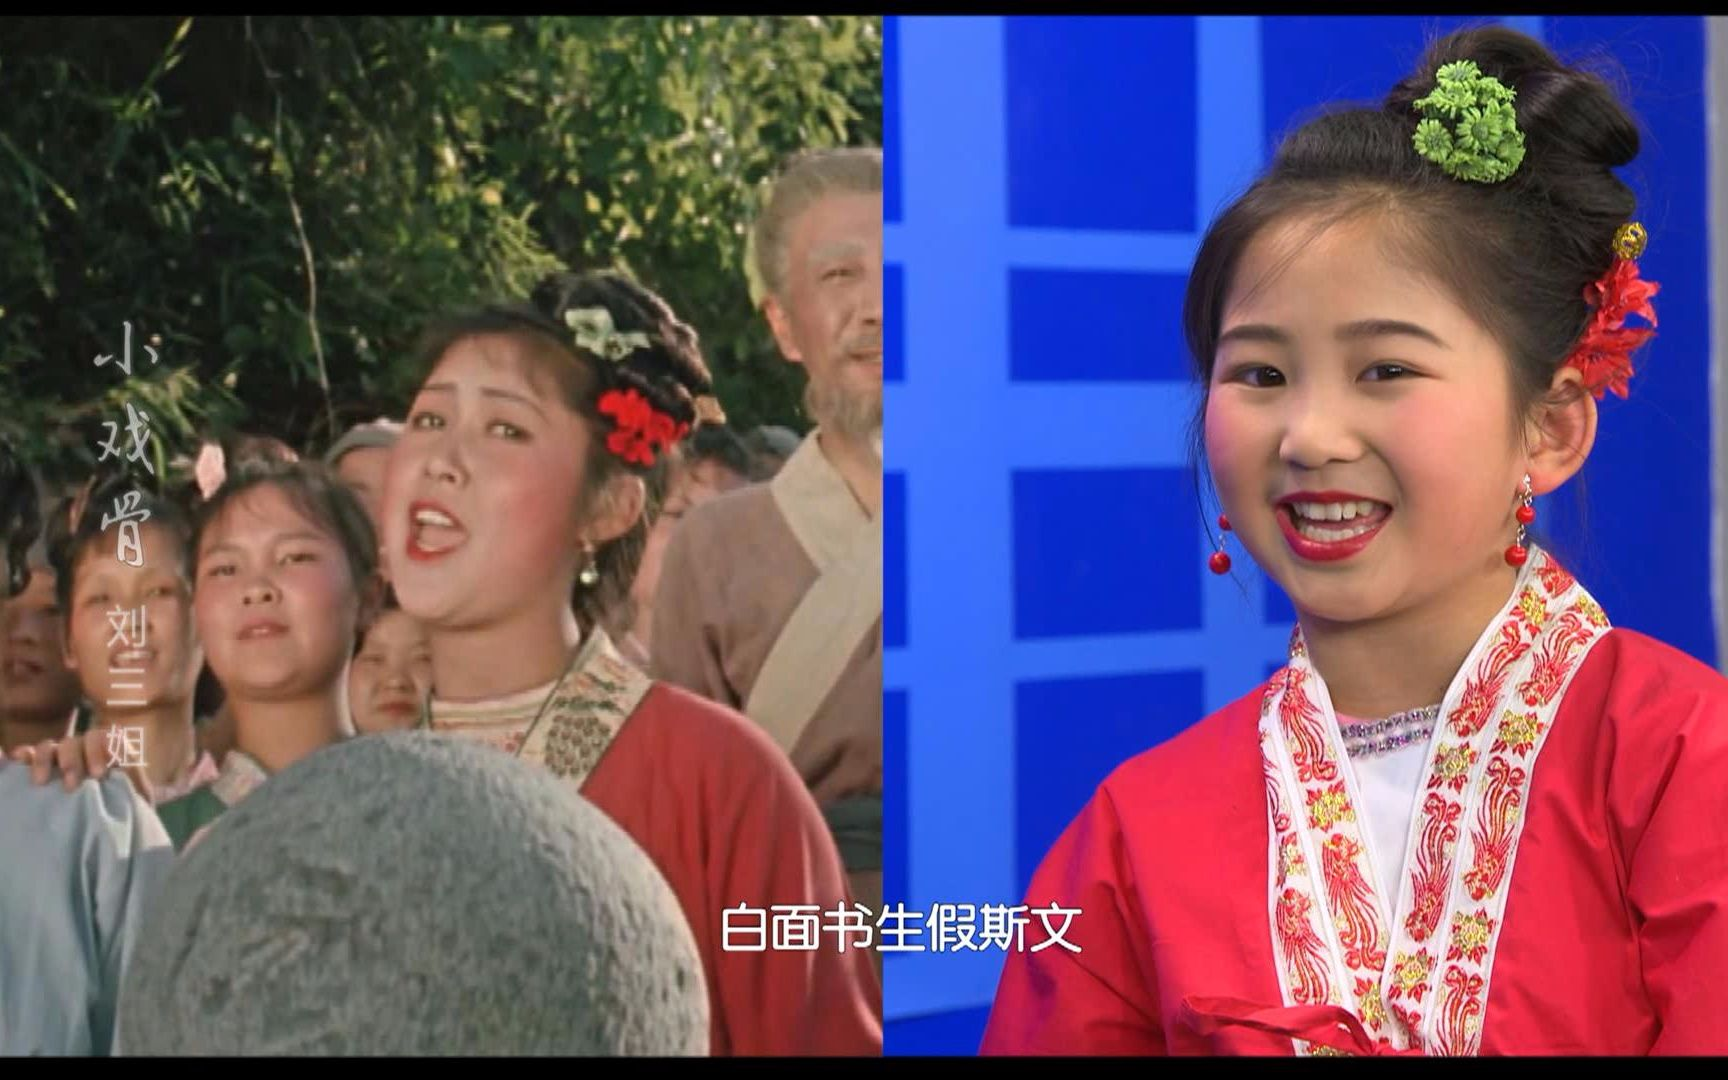 【潘礼平团队】小戏骨《刘三姐》花絮,经典值得学习和传唱!-潘礼